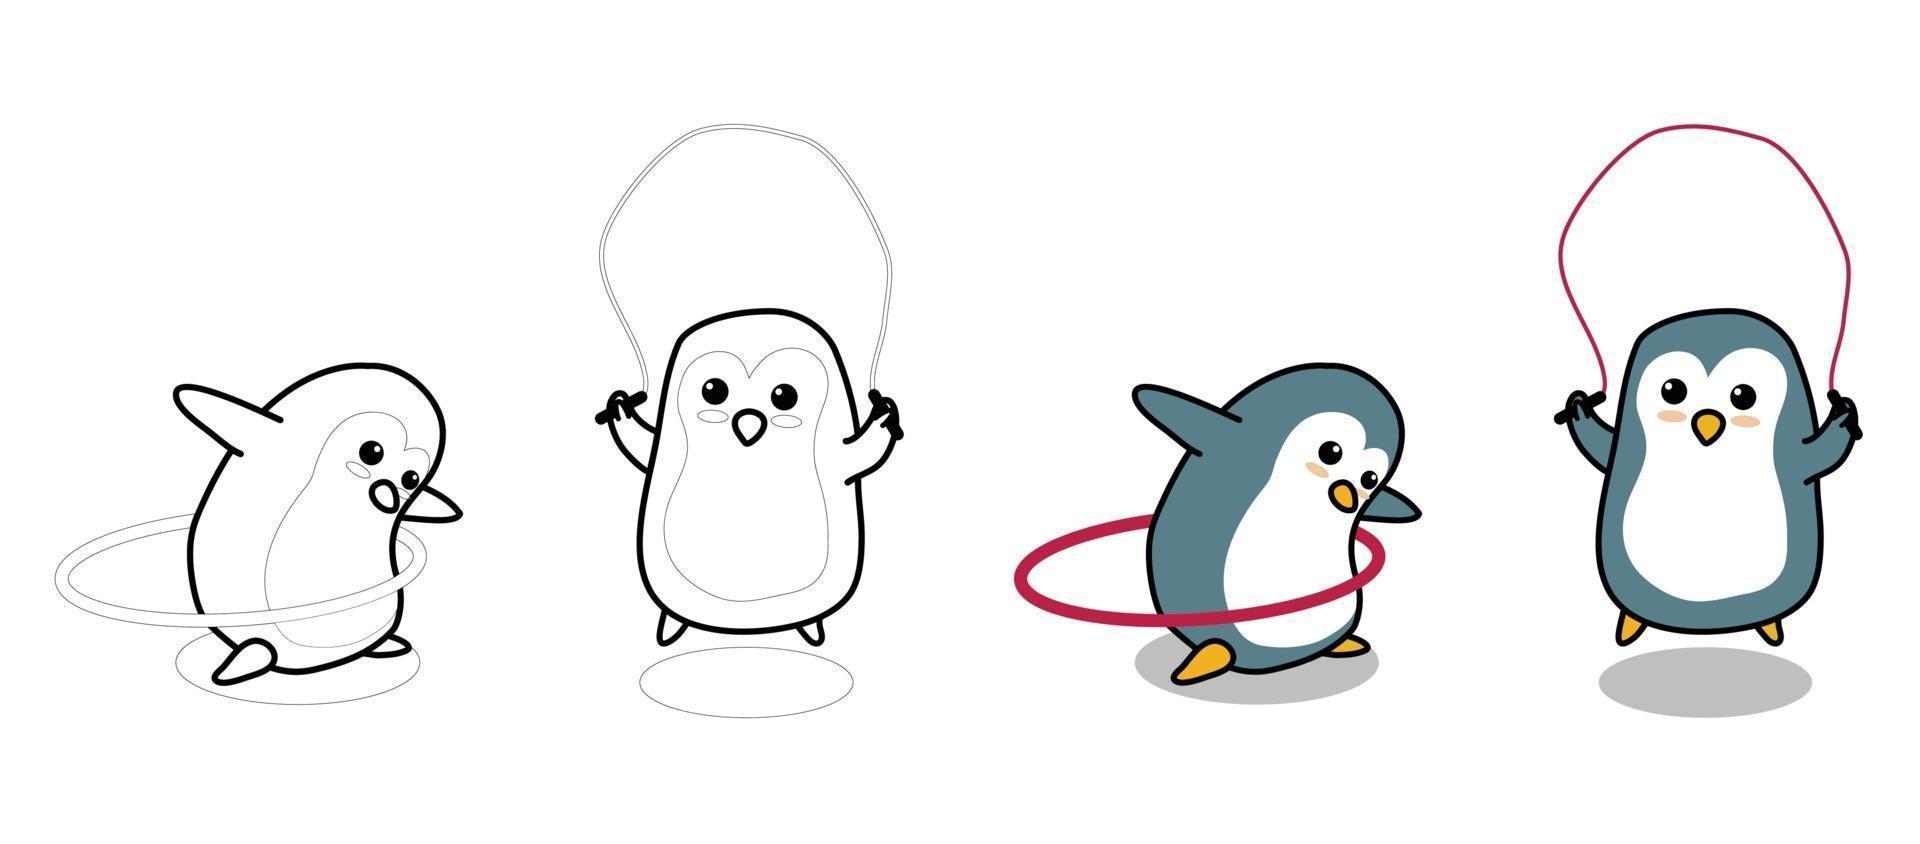 entzückende Pinguine trainieren Cartoon Malvorlagen für Kinder vektor